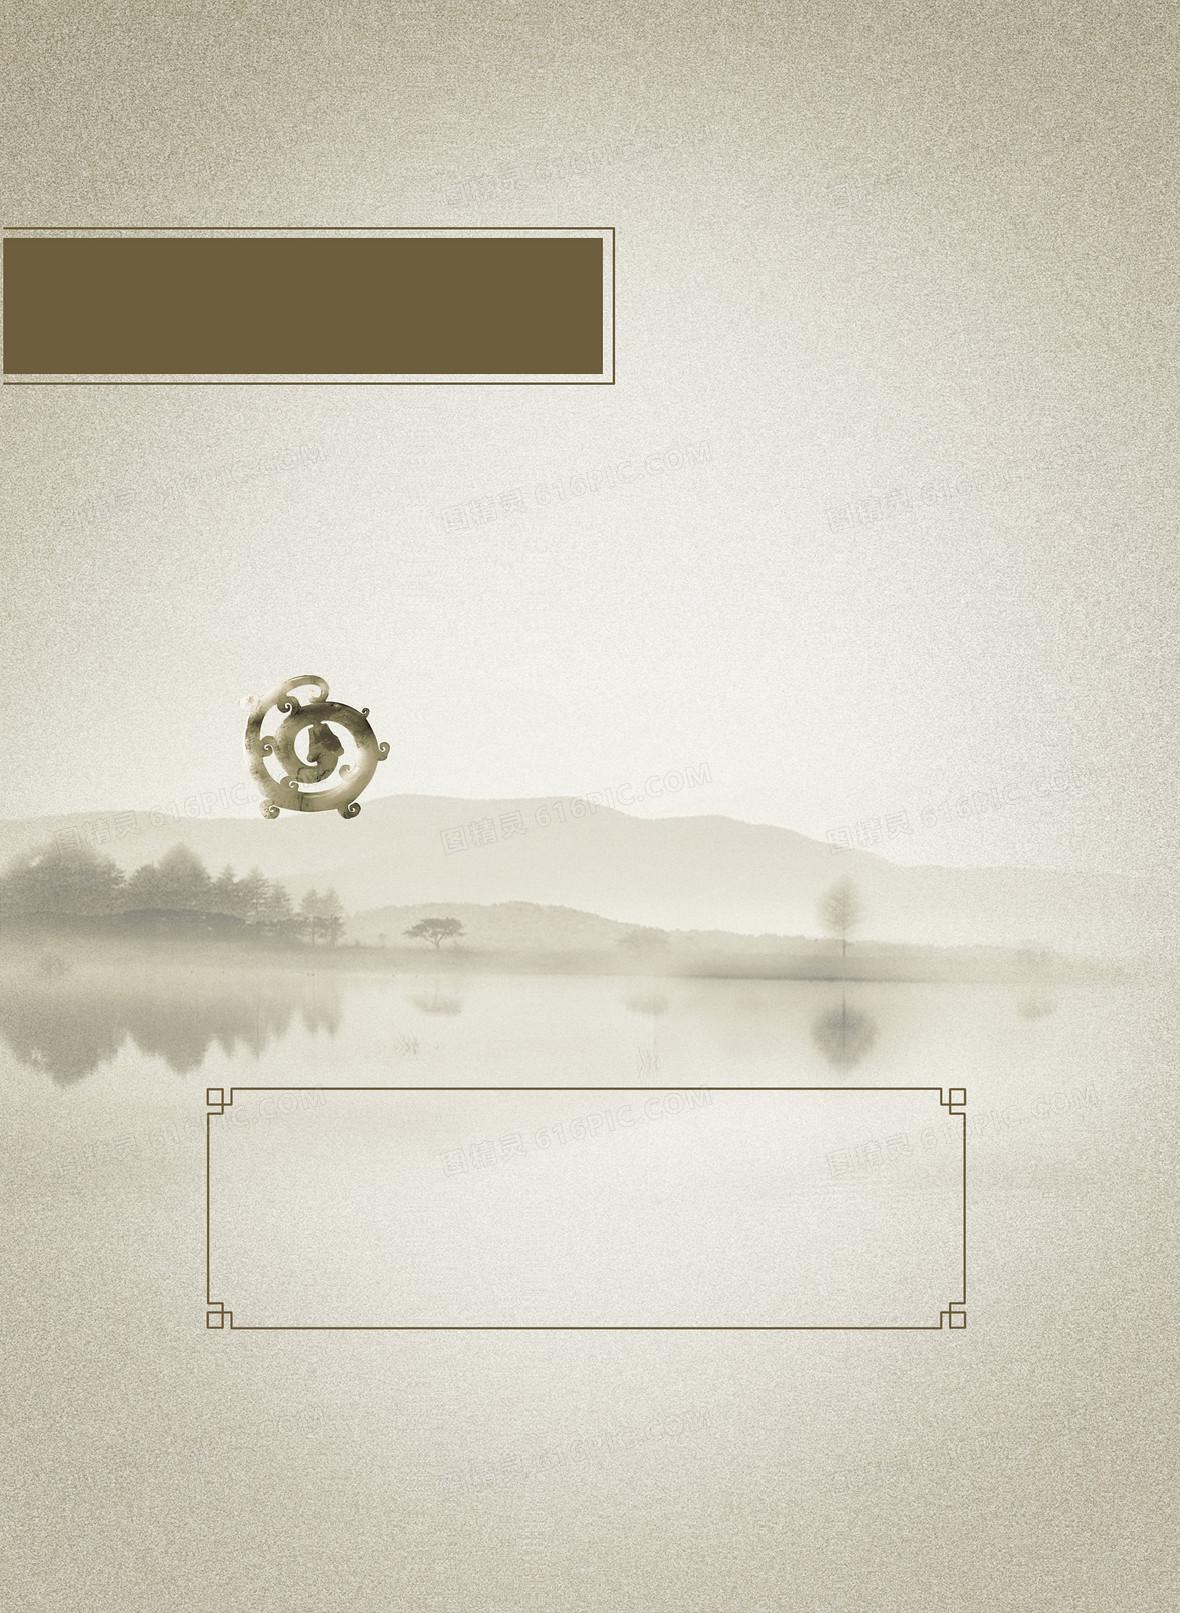 中国风水墨晕染山水玉佩背景素材